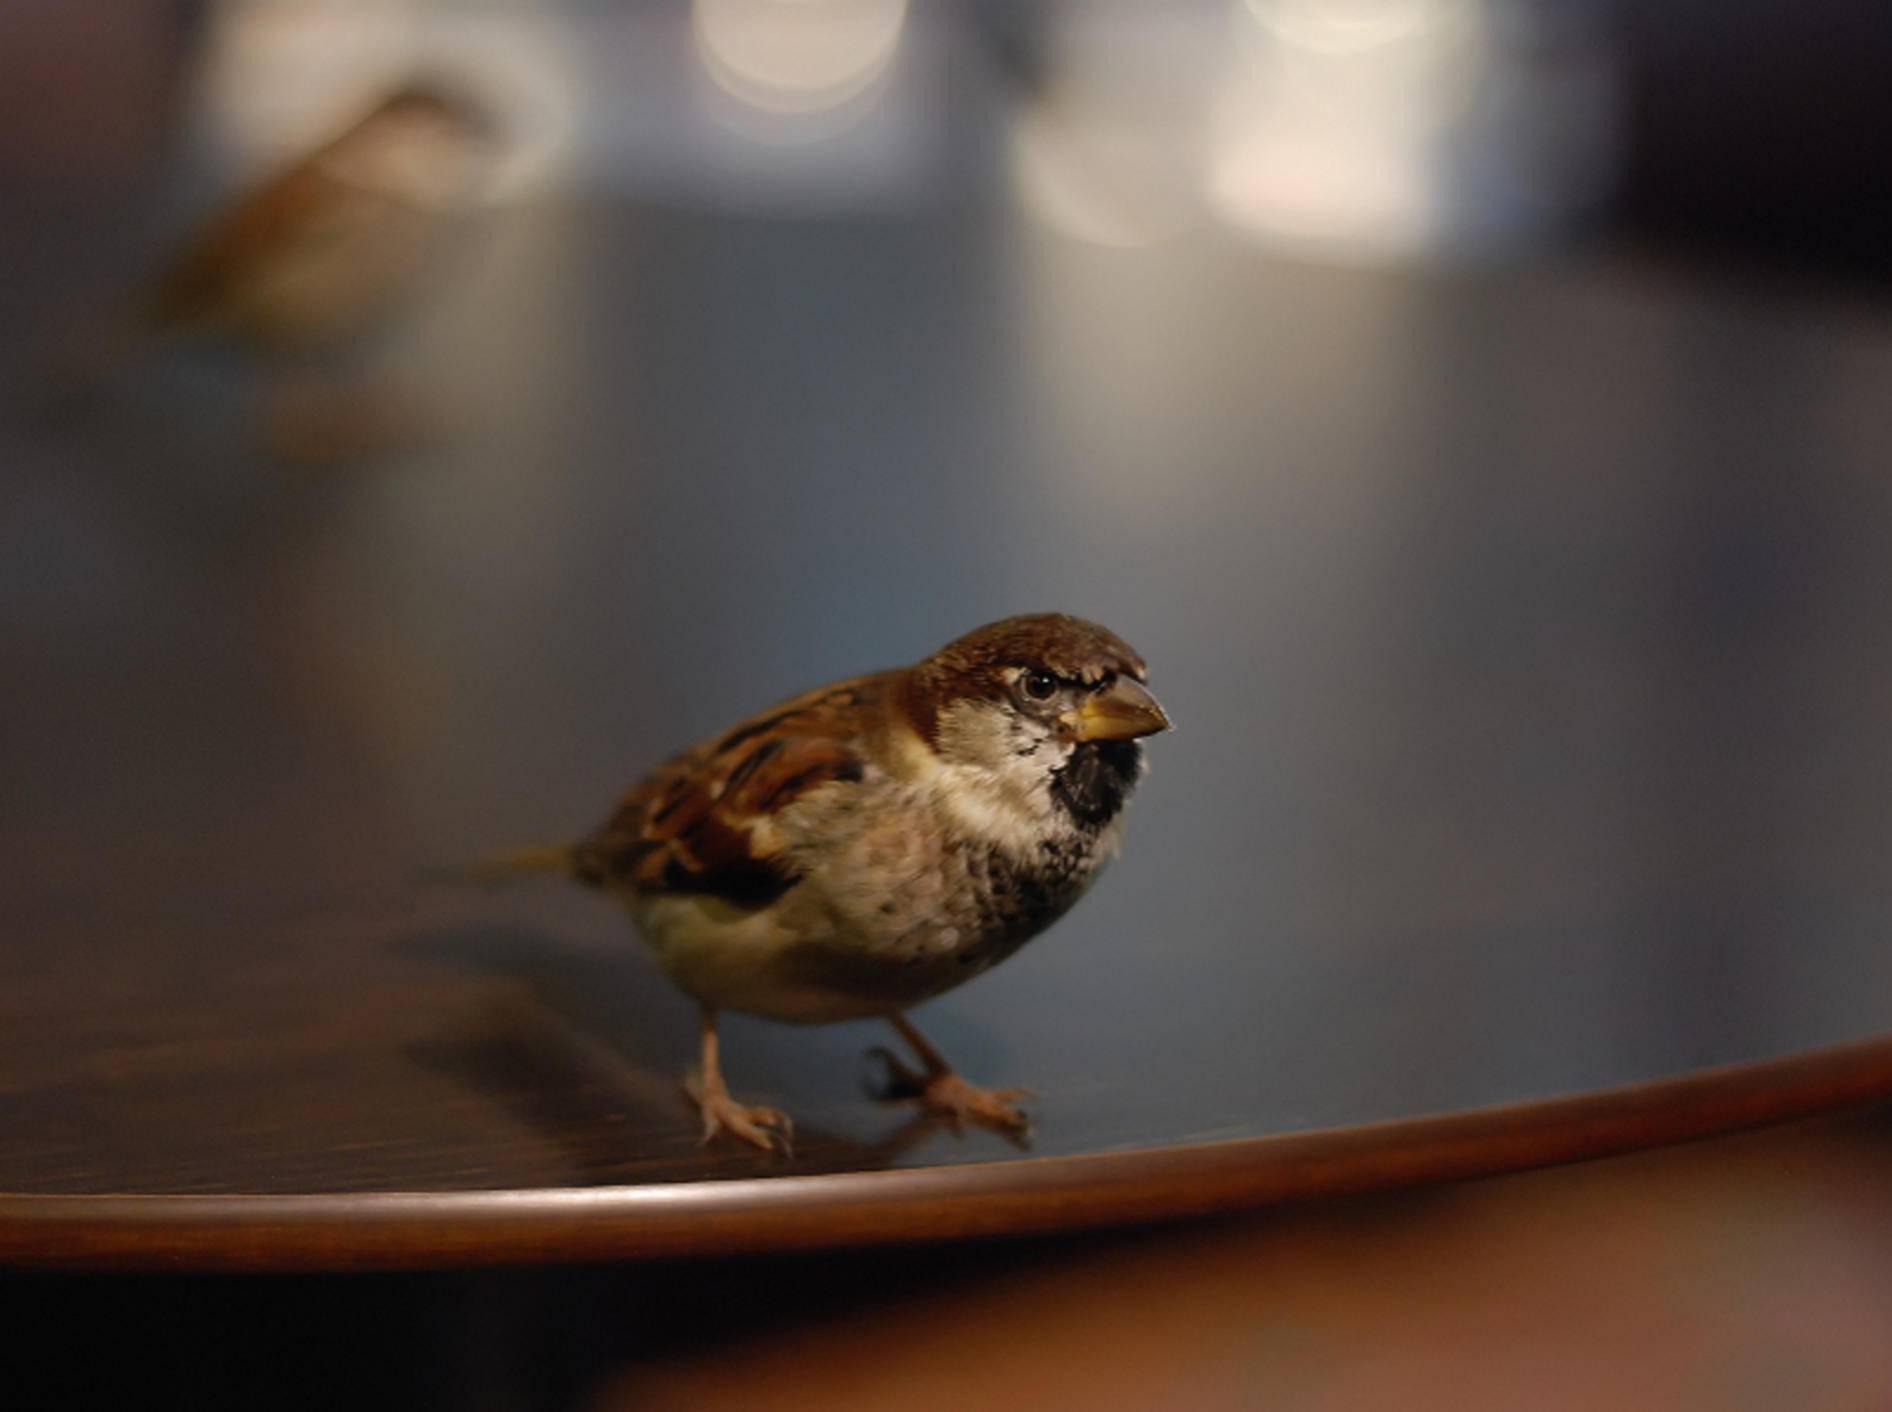 Ist ein Wildvogel in die Wohnung geflogen, findet er mit ein wenig Hilfe von alleine wieder heraus – Shutterstock / Paula kc